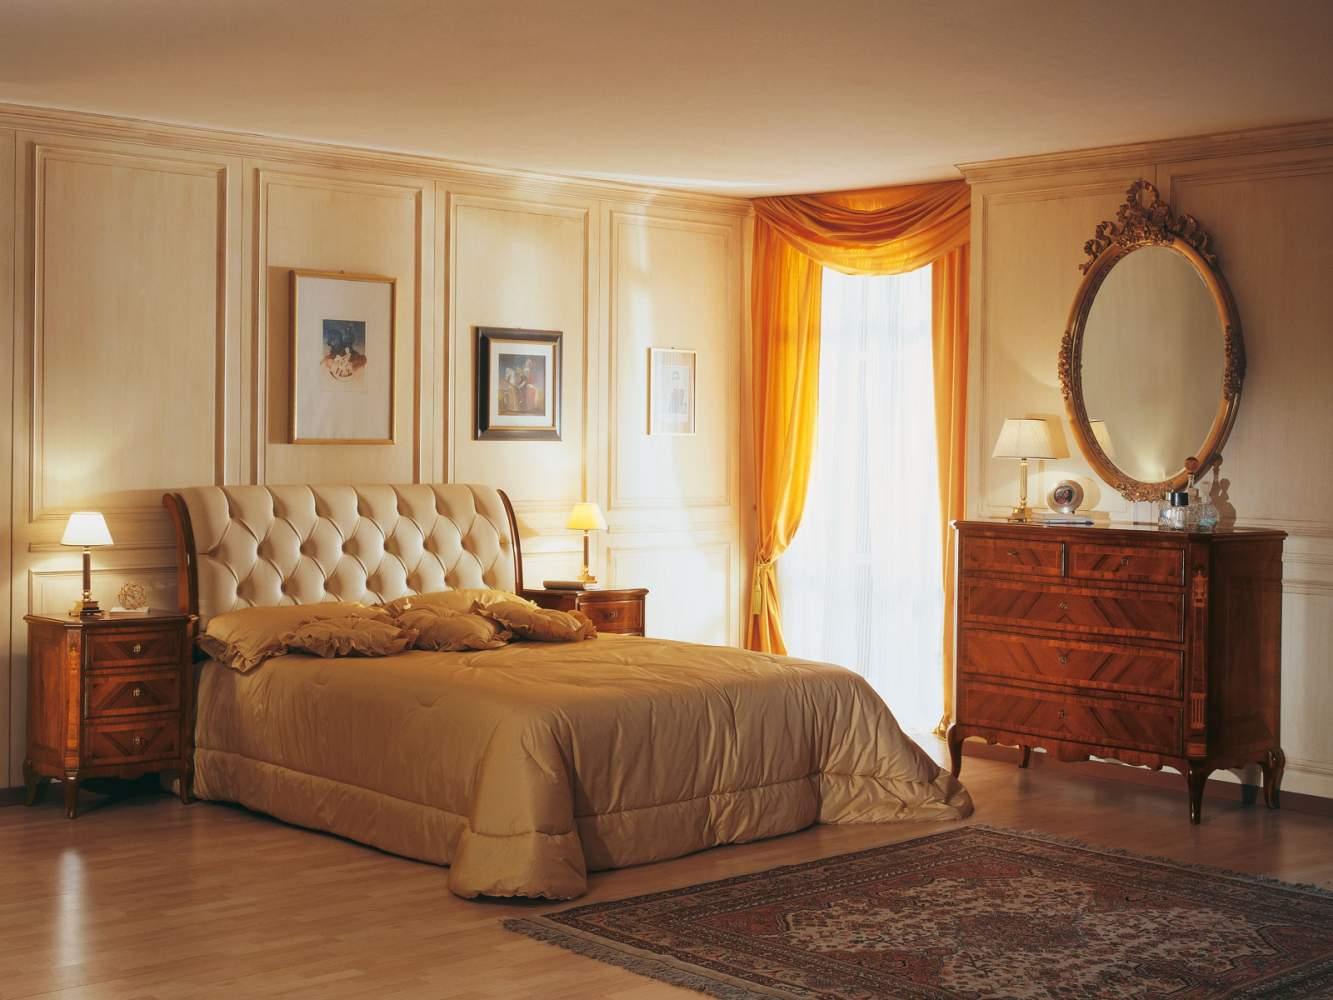 Camera da letto francese nello stile in voga nell'800 con arredi notte in noce intarsiato